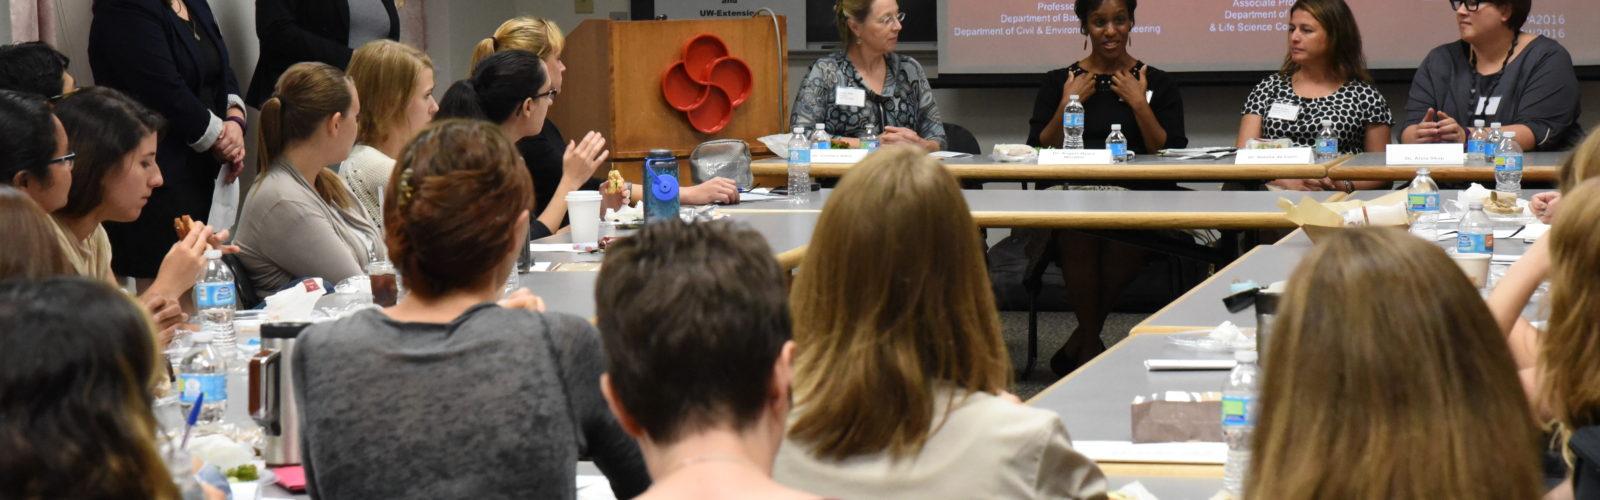 2016 Symposium Panel